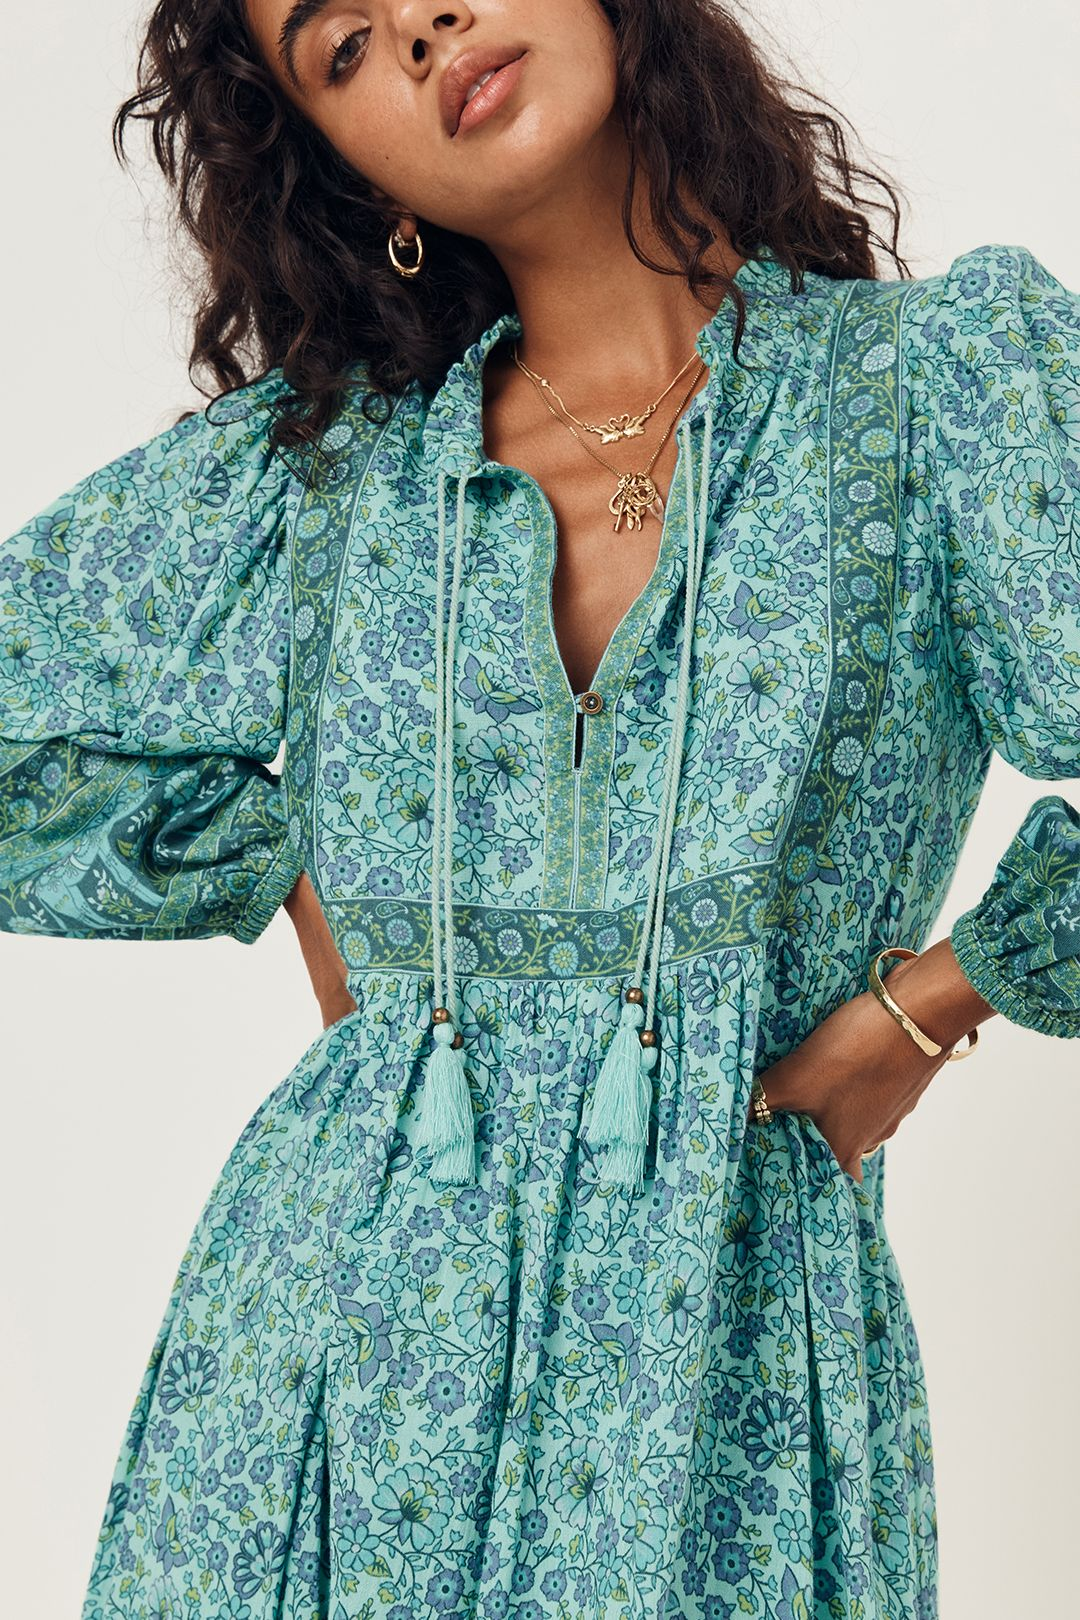 Spell Sundown Boho Dress Turquoise V Neck